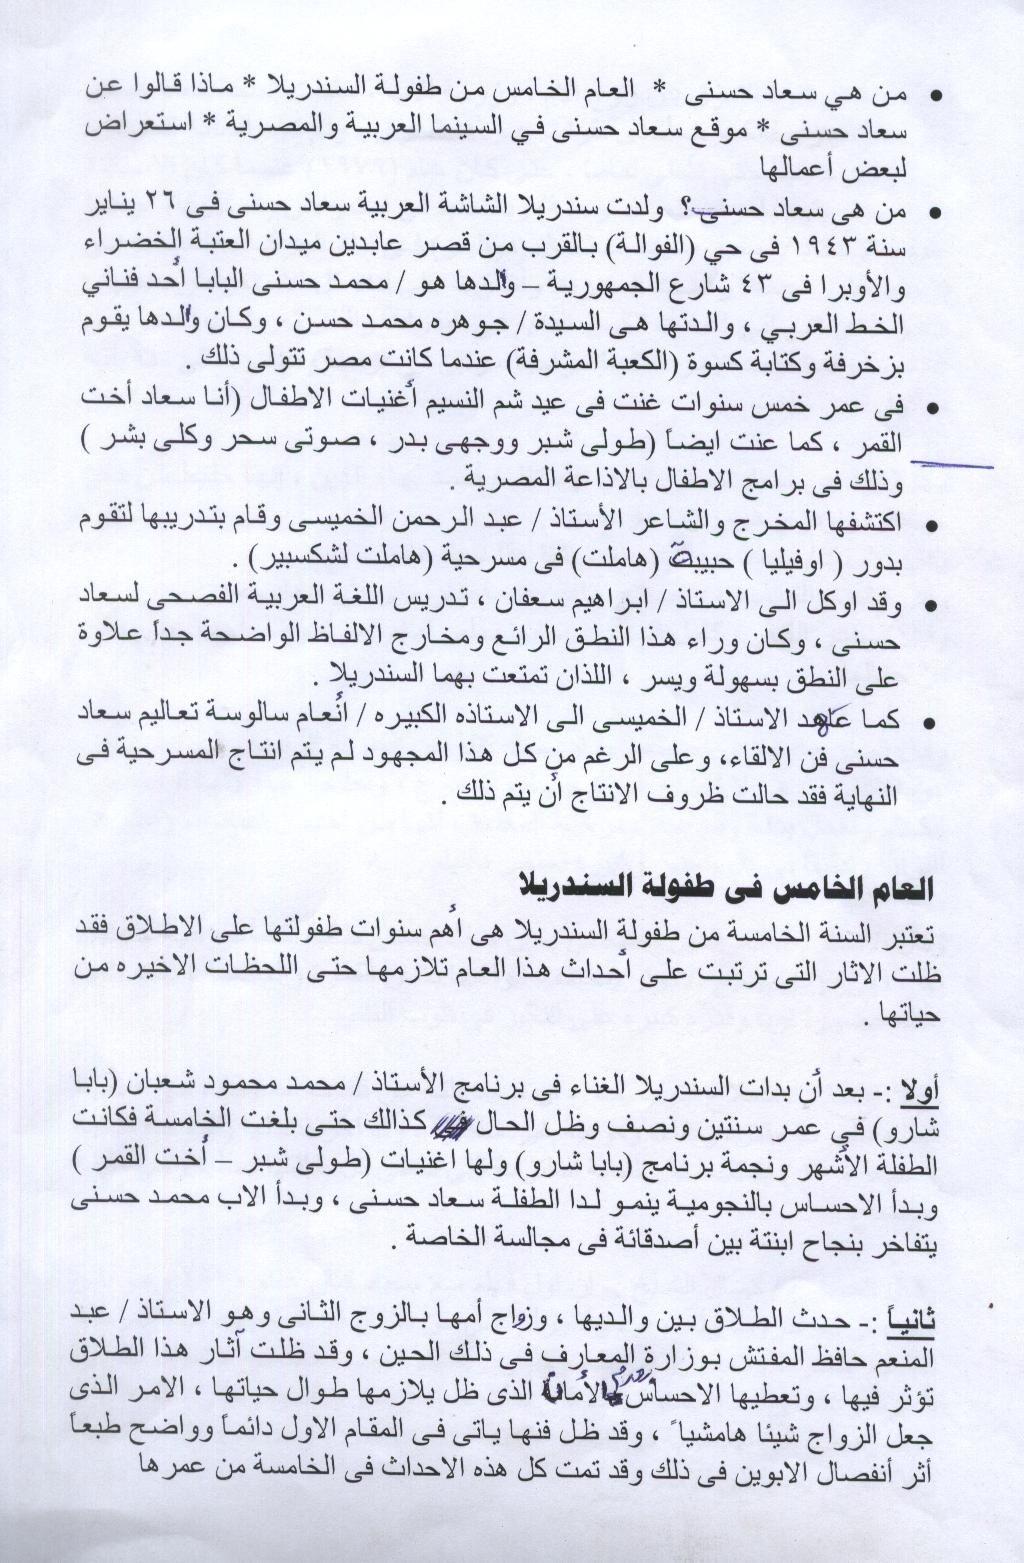 مقال صحفي : قصة حياة سعاد حسني .. مأخوذة من أحد الكتب 2006 (؟) م 1261